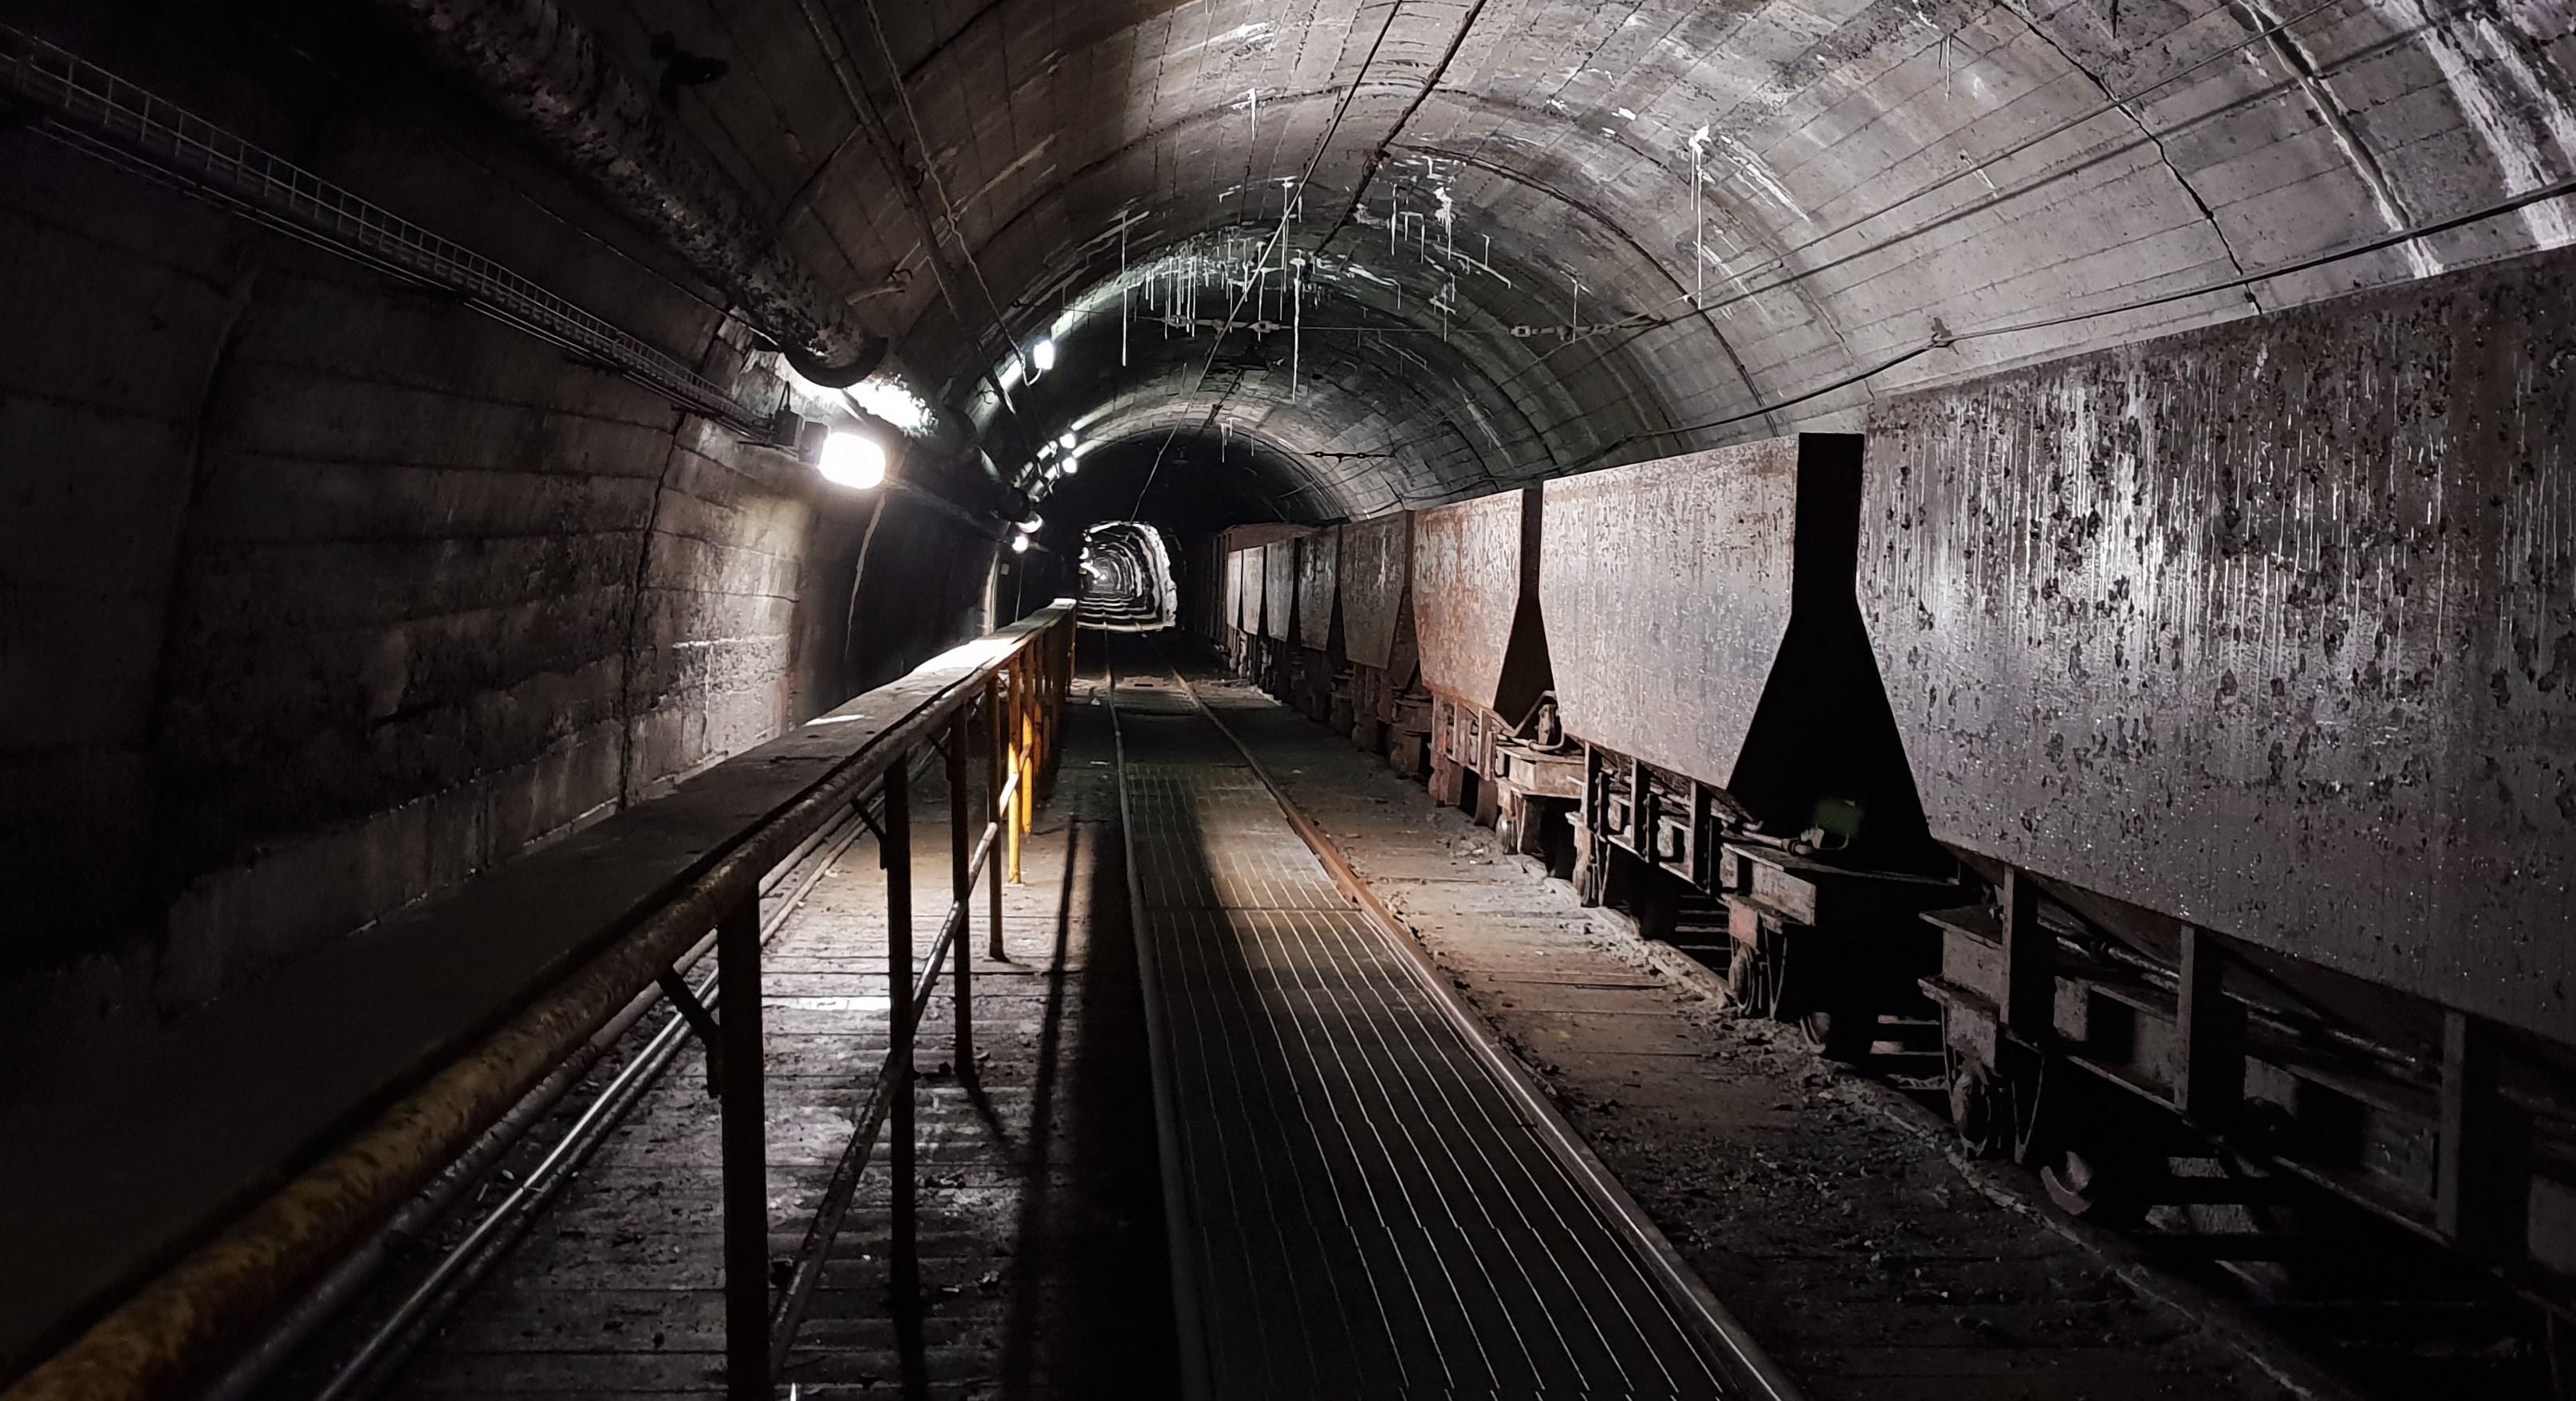 galleria con vagoni miniera cogne